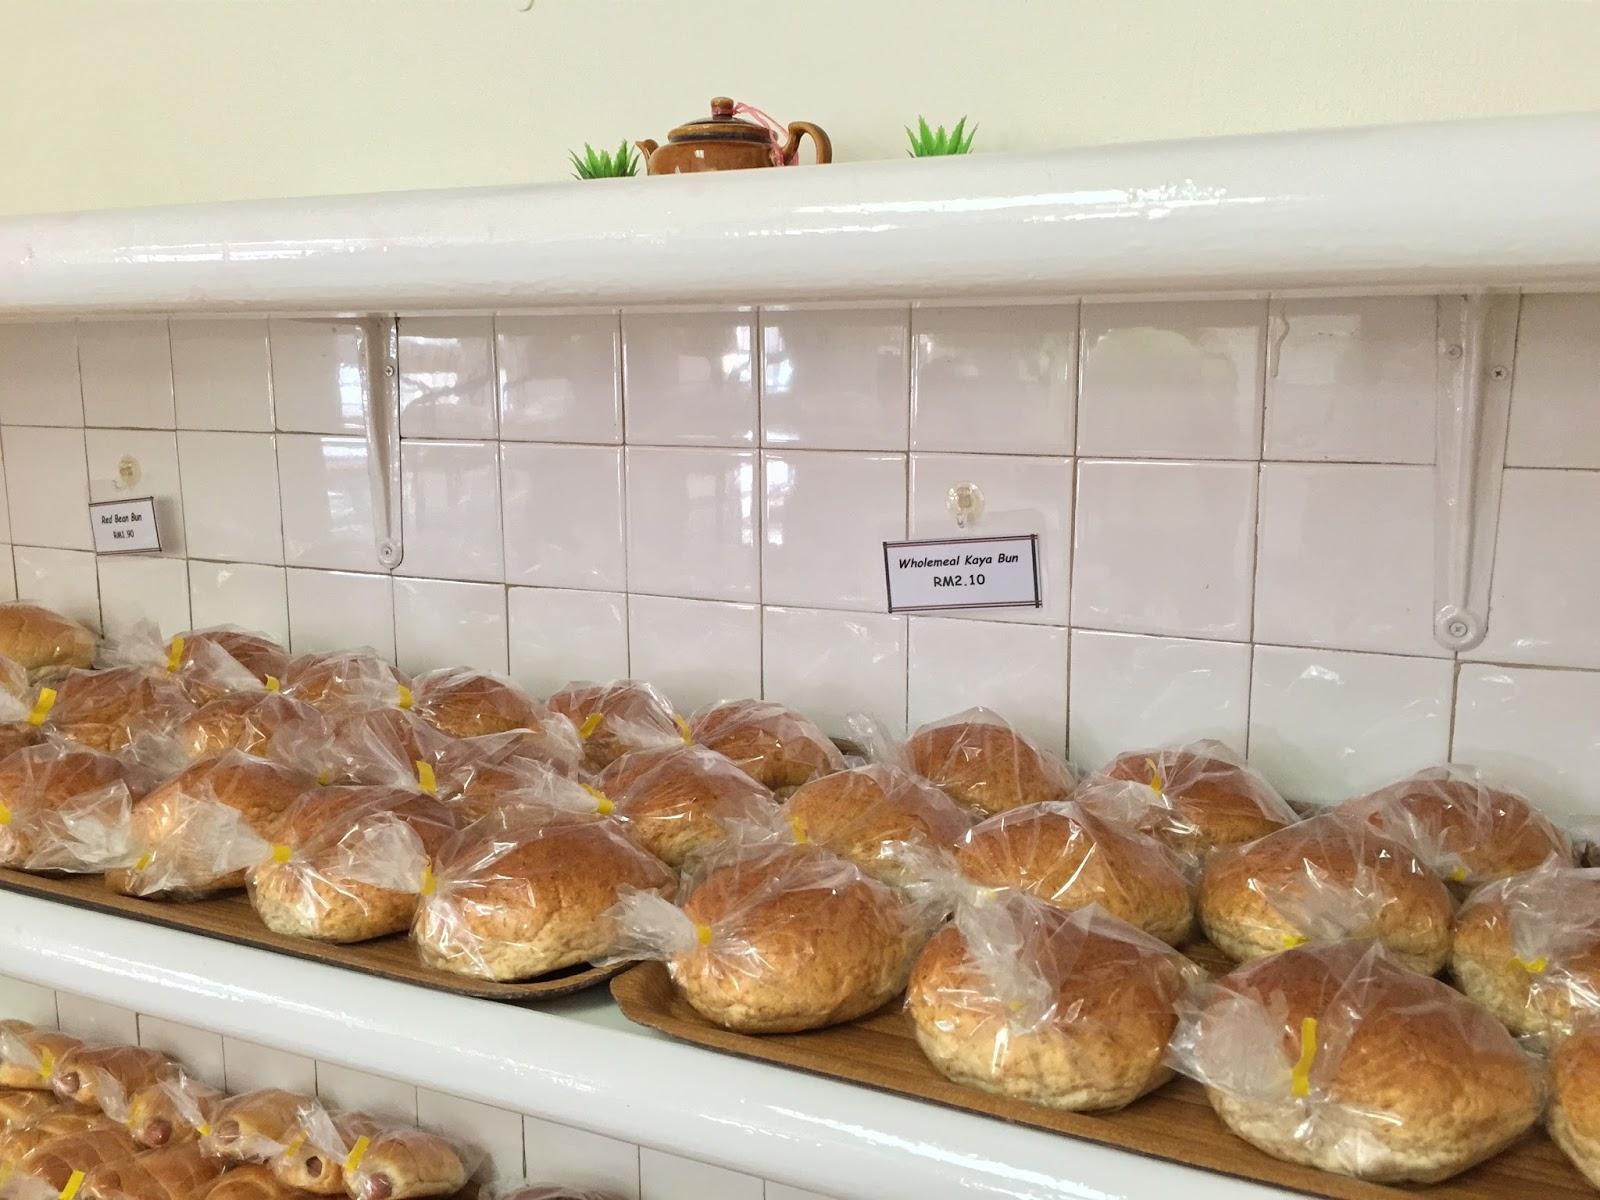 Penang Bakery - Kedai Roti & Restoran Continental Bakery Breads